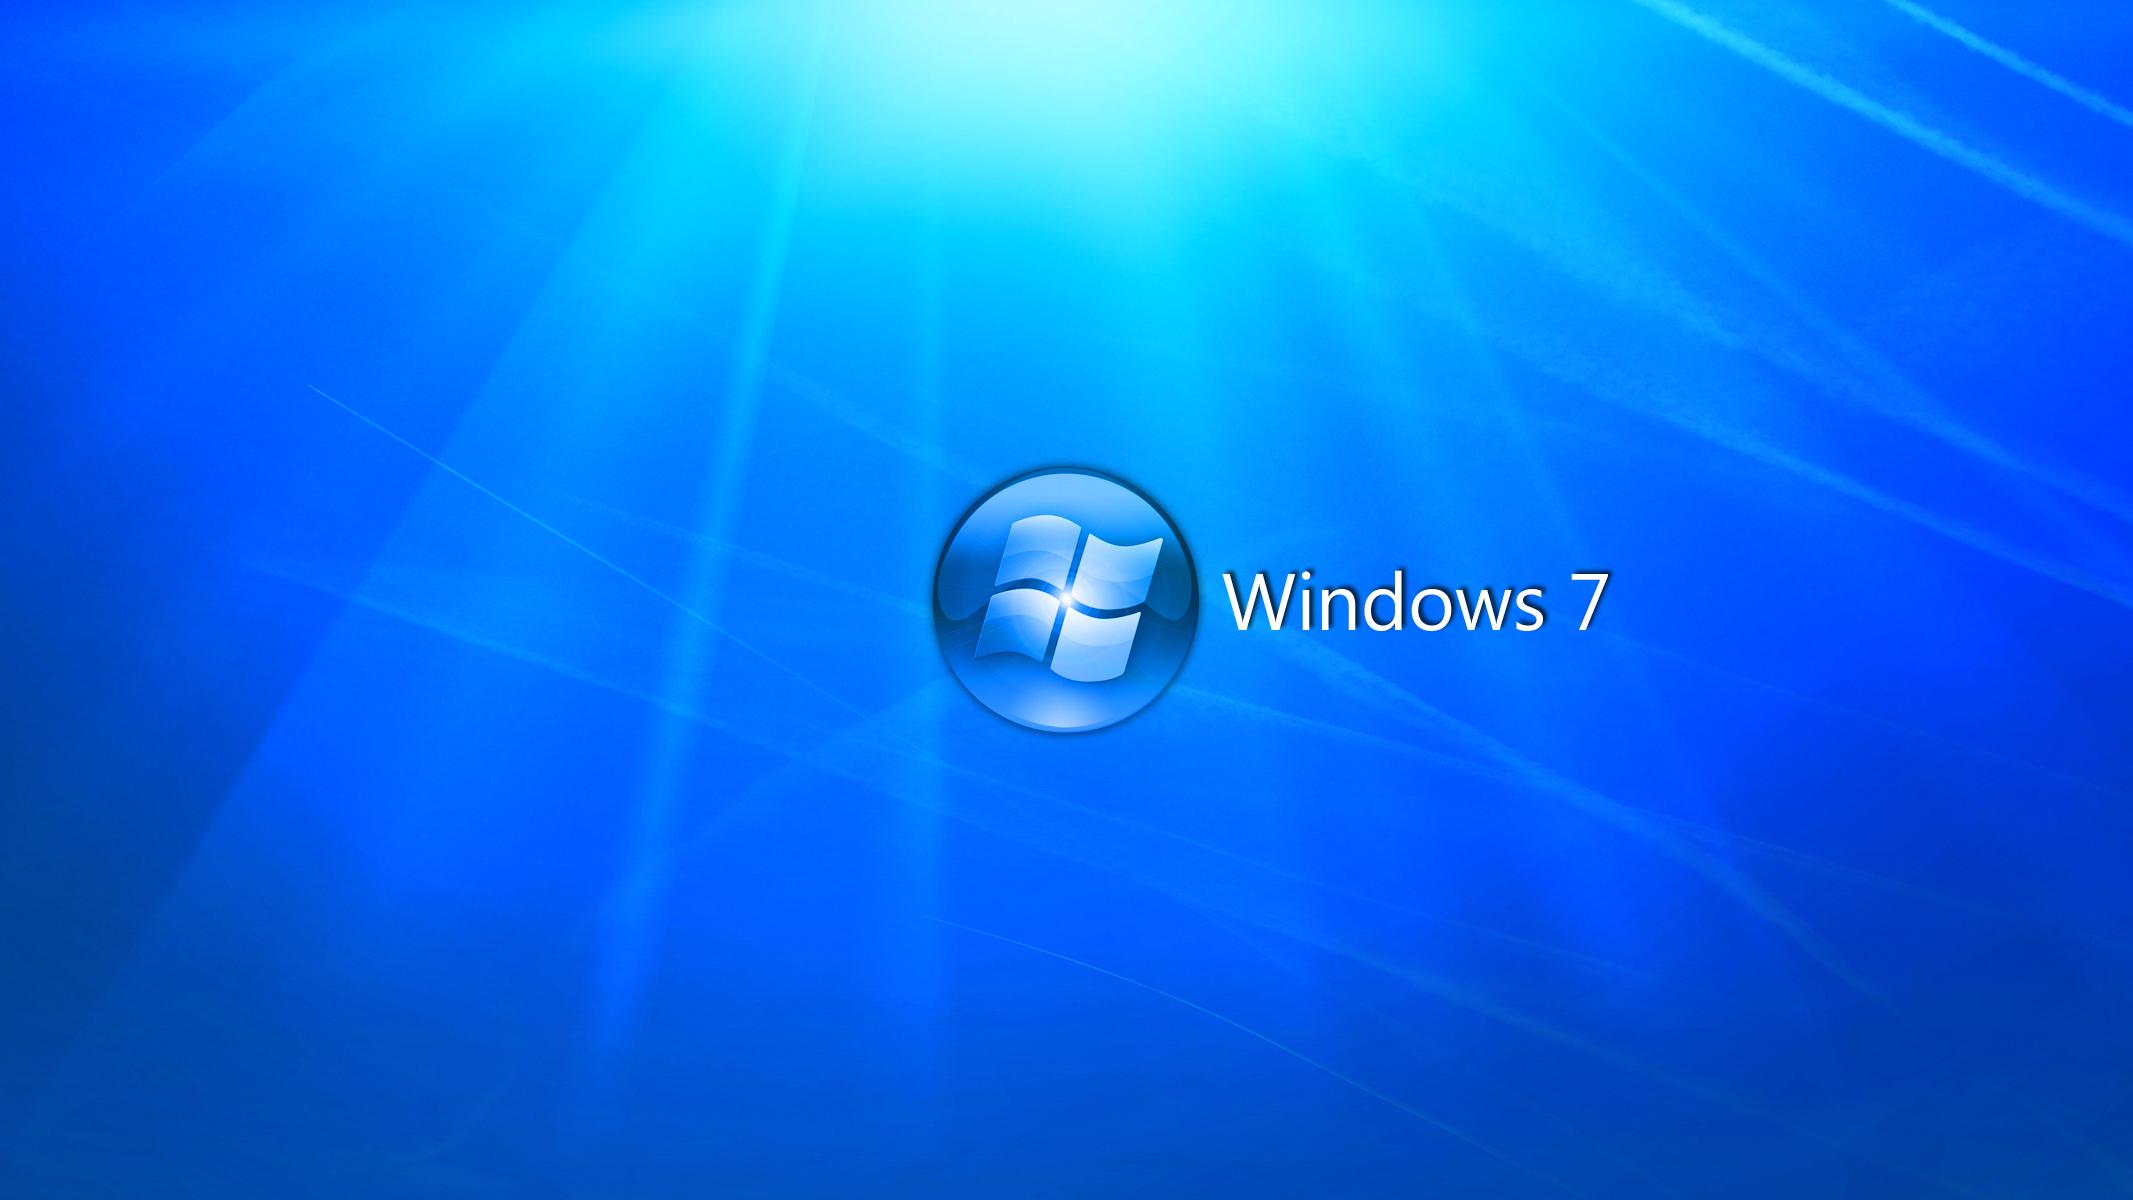 download windows 7 desktop background 3 by 4dfuturist 2133x1200